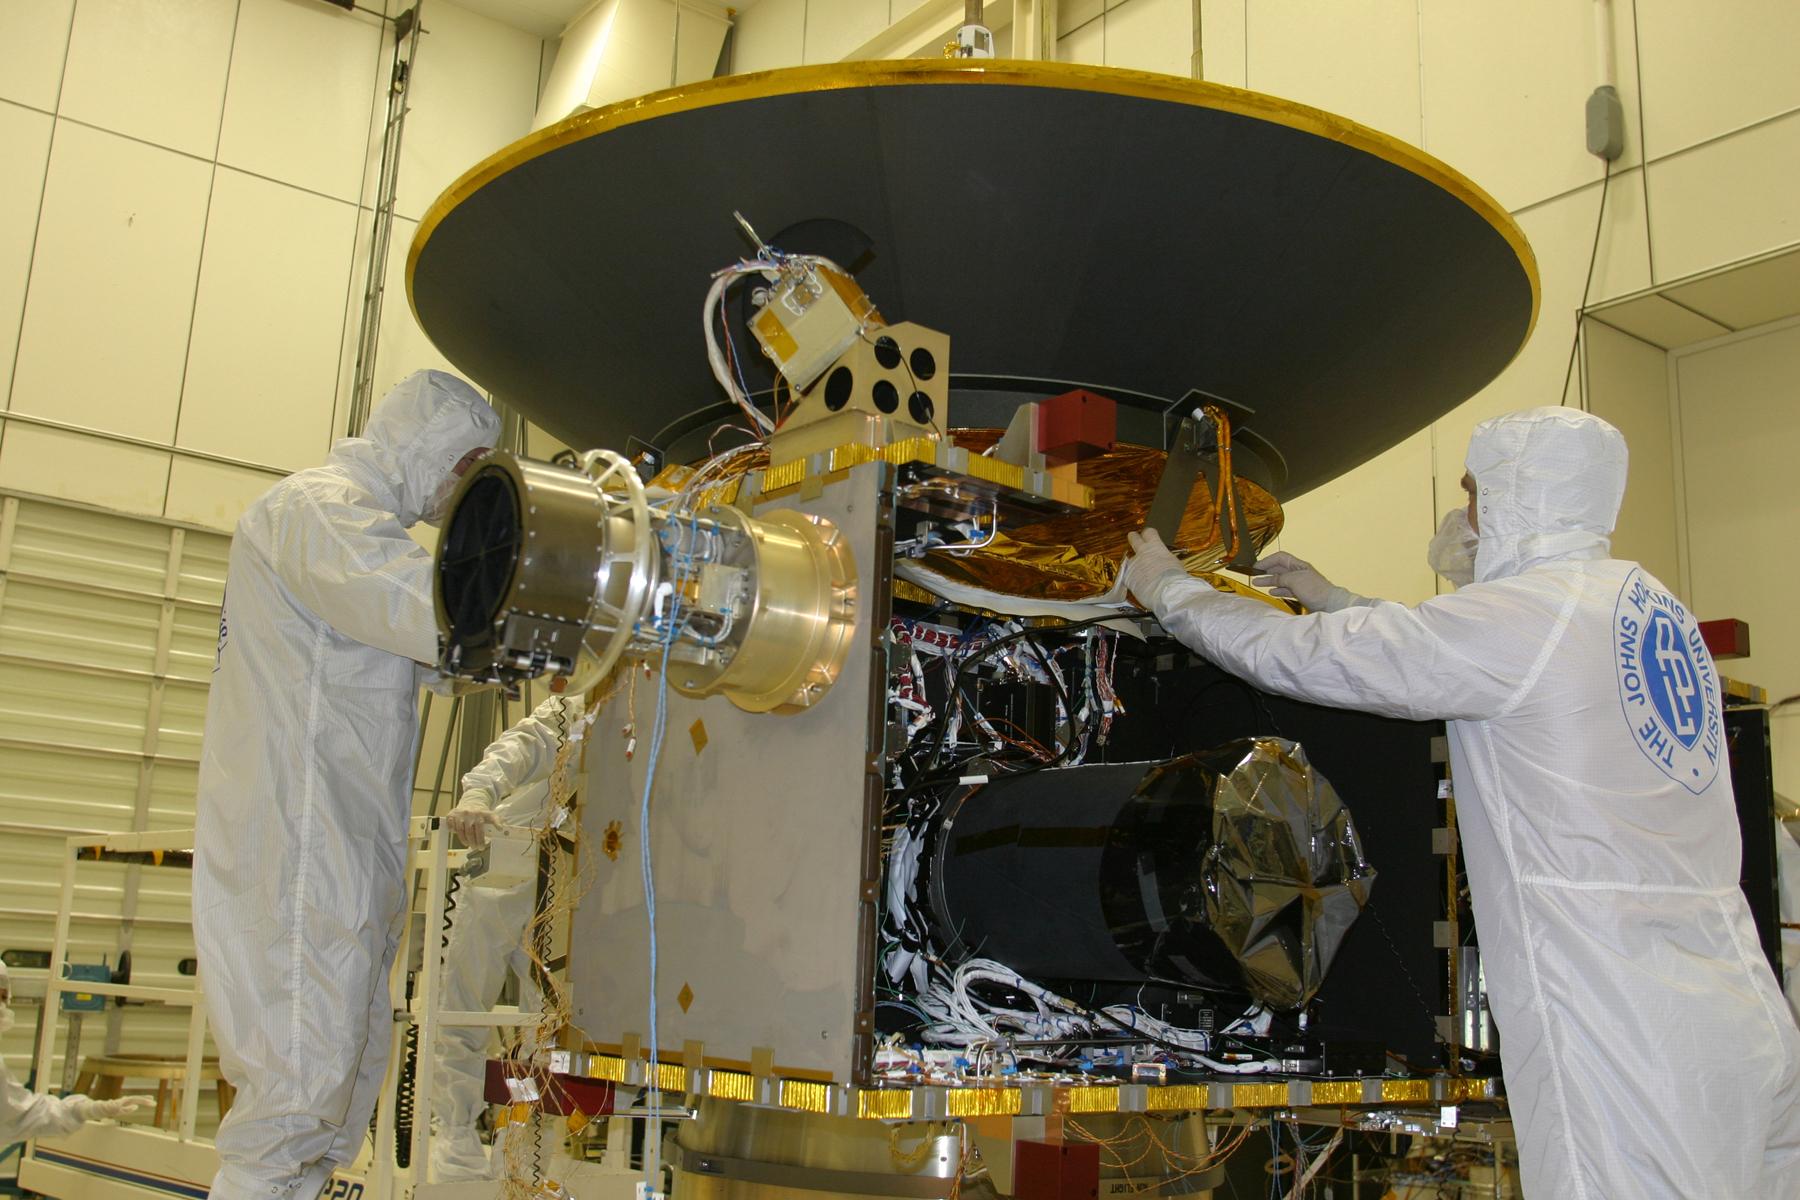 صورة أثناء قيام مجموعة من جامعة هوبكنز بوصل هوائي عالي الربح إلى المركبة الفضائية في 3 ابريل/نيسان 2005. حقوق الصورة: NASA/Johns Hopkins University Applied Physics Laboratory/Southwest Research Institute (NASA/JHUAPL/SwRI)